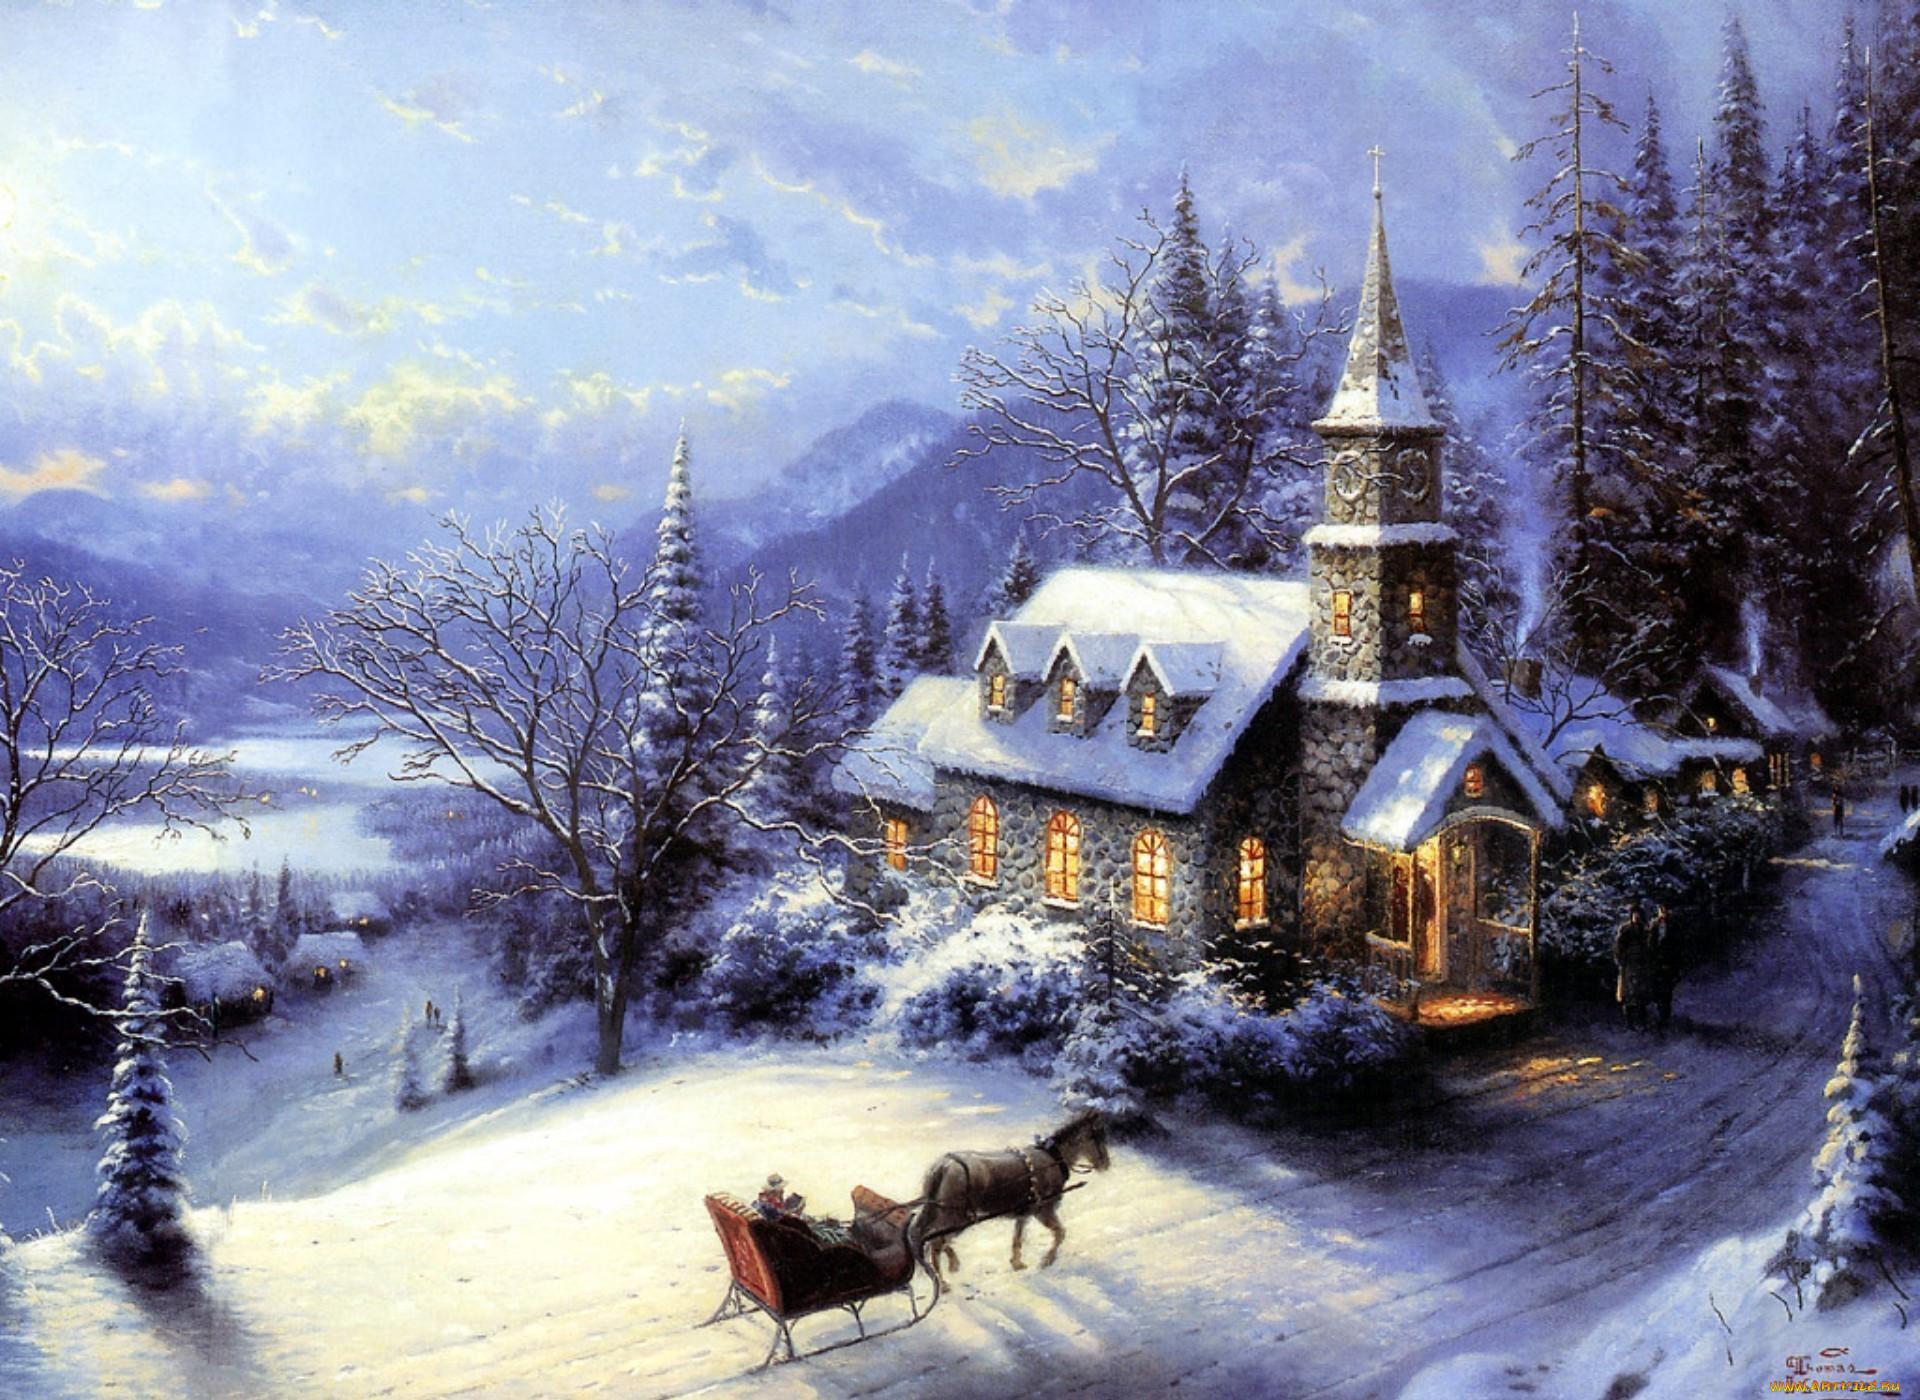 Картинки зима с новым годом на рабочий стол